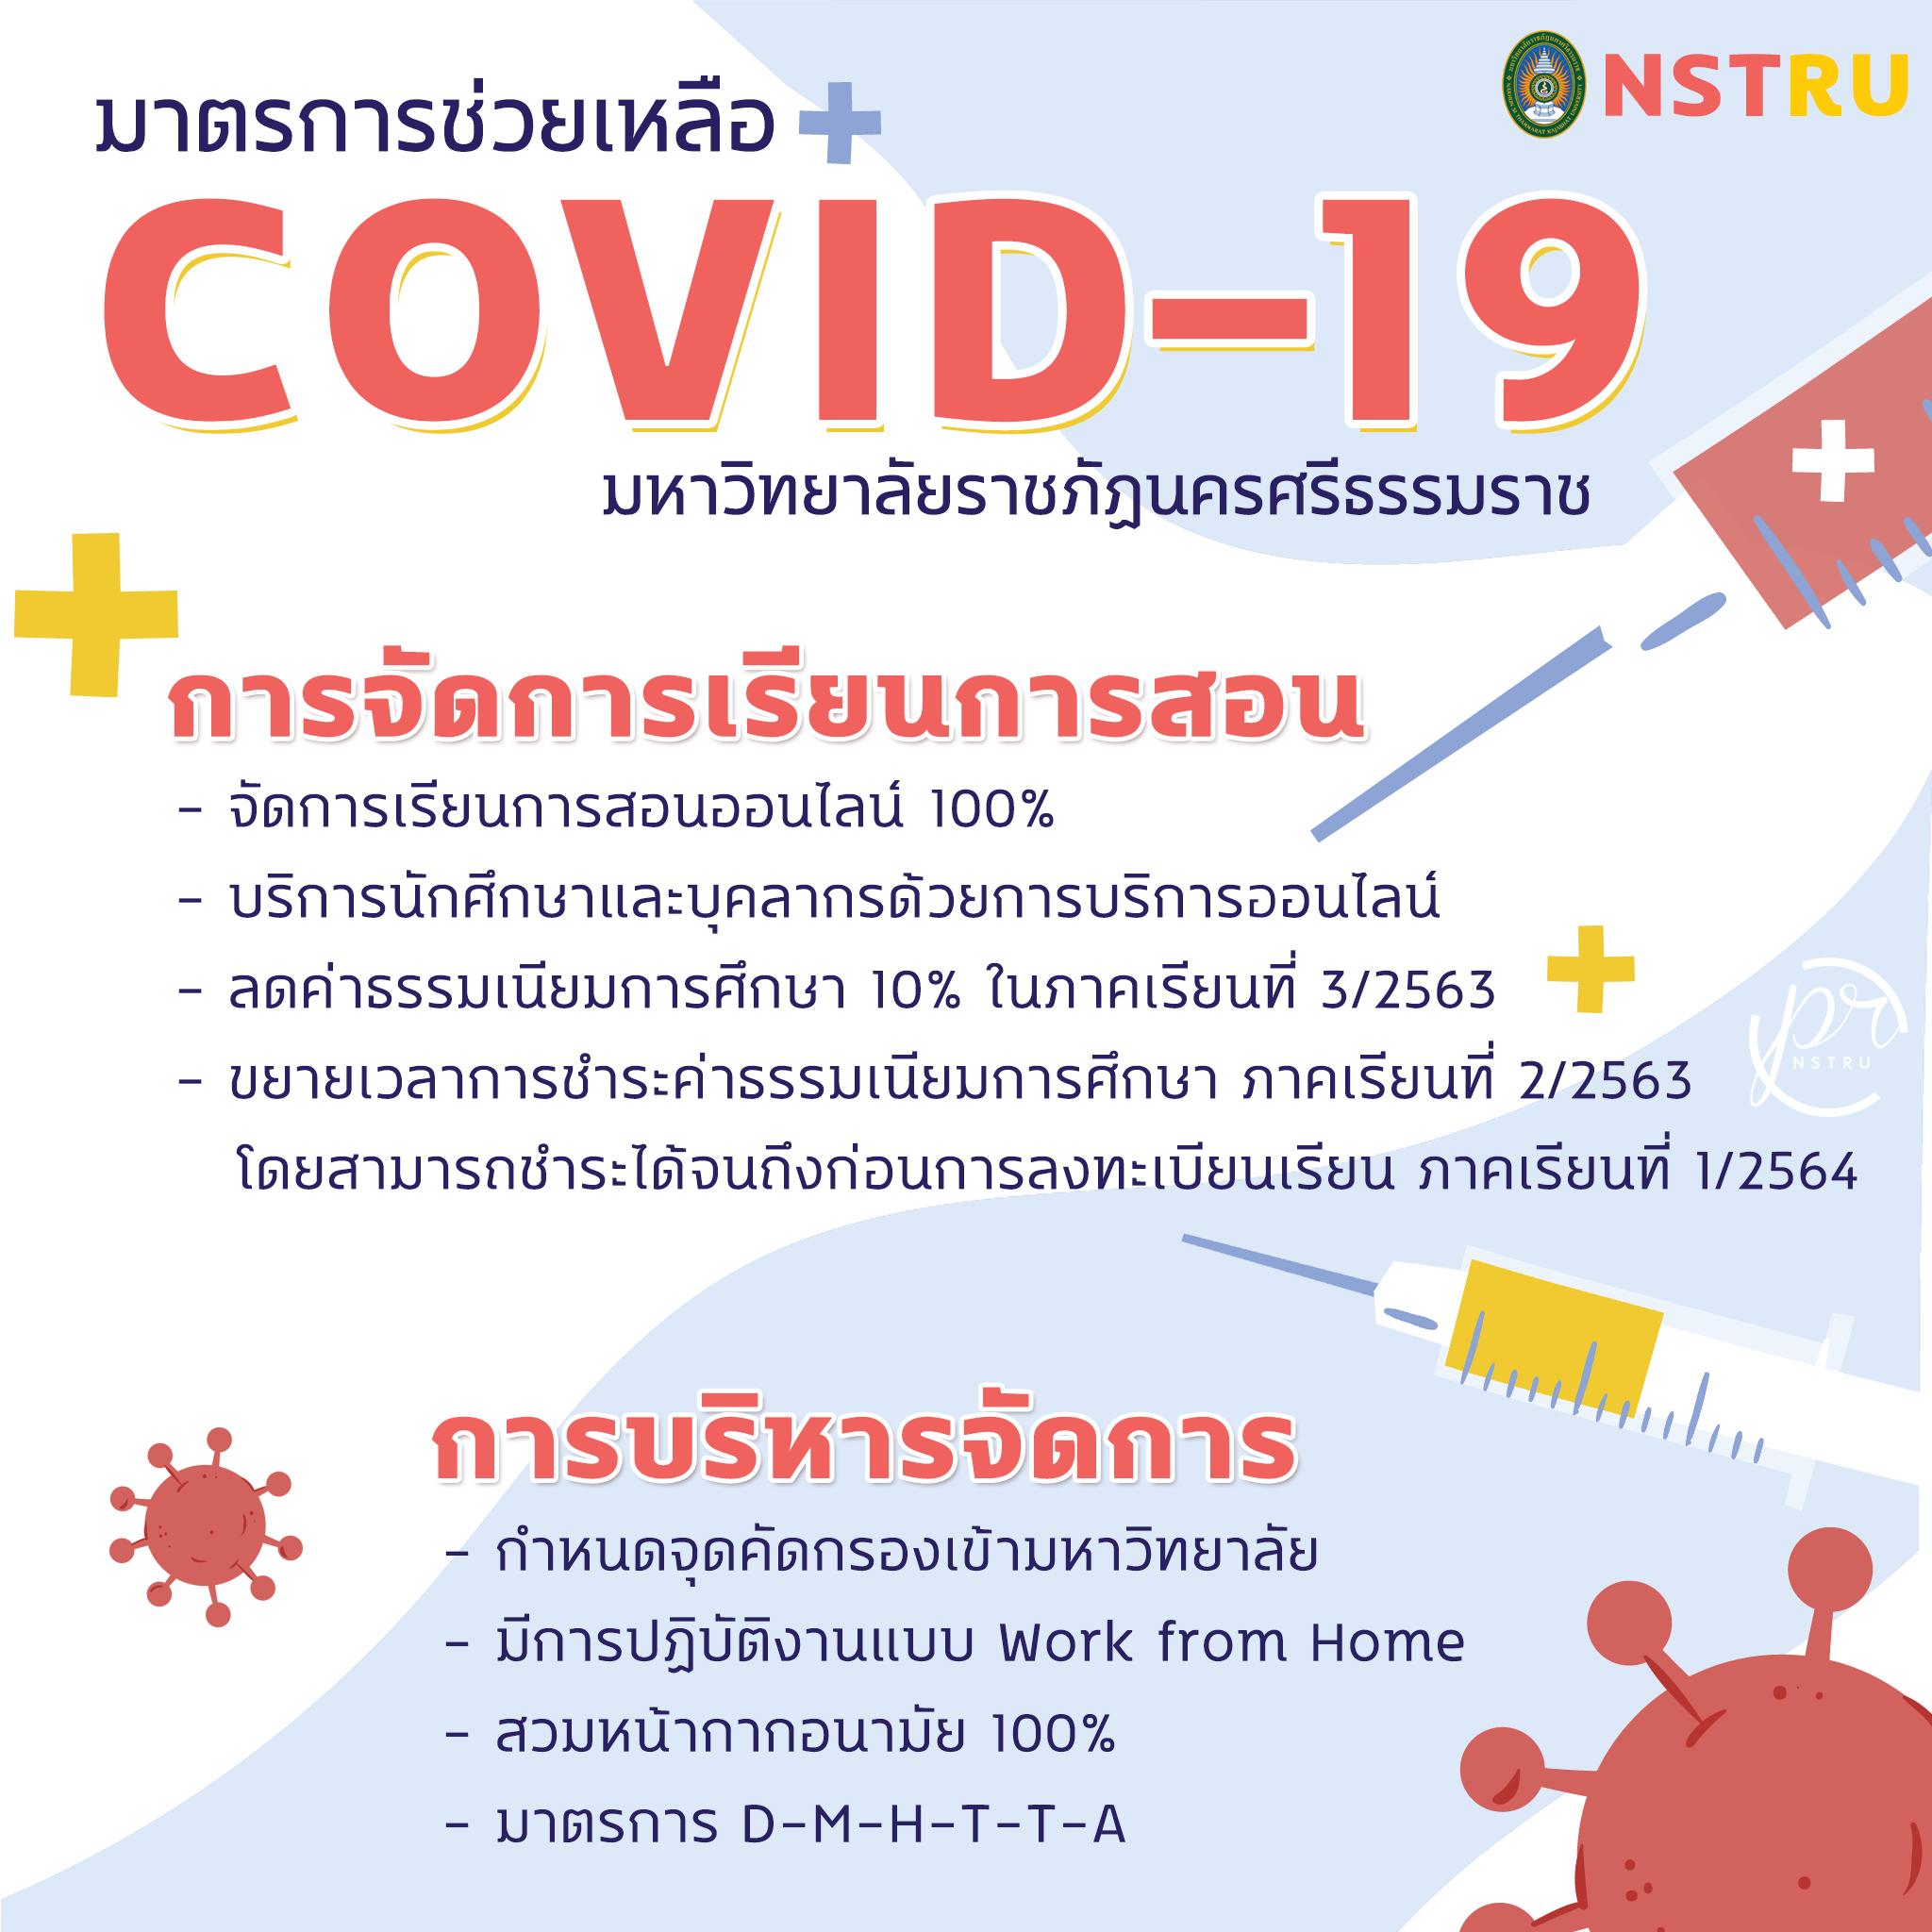 มาตรการช่วยเหลือ COVID-19 มหาวิทยาลัยราชภัฏนครศรีธรรมราช